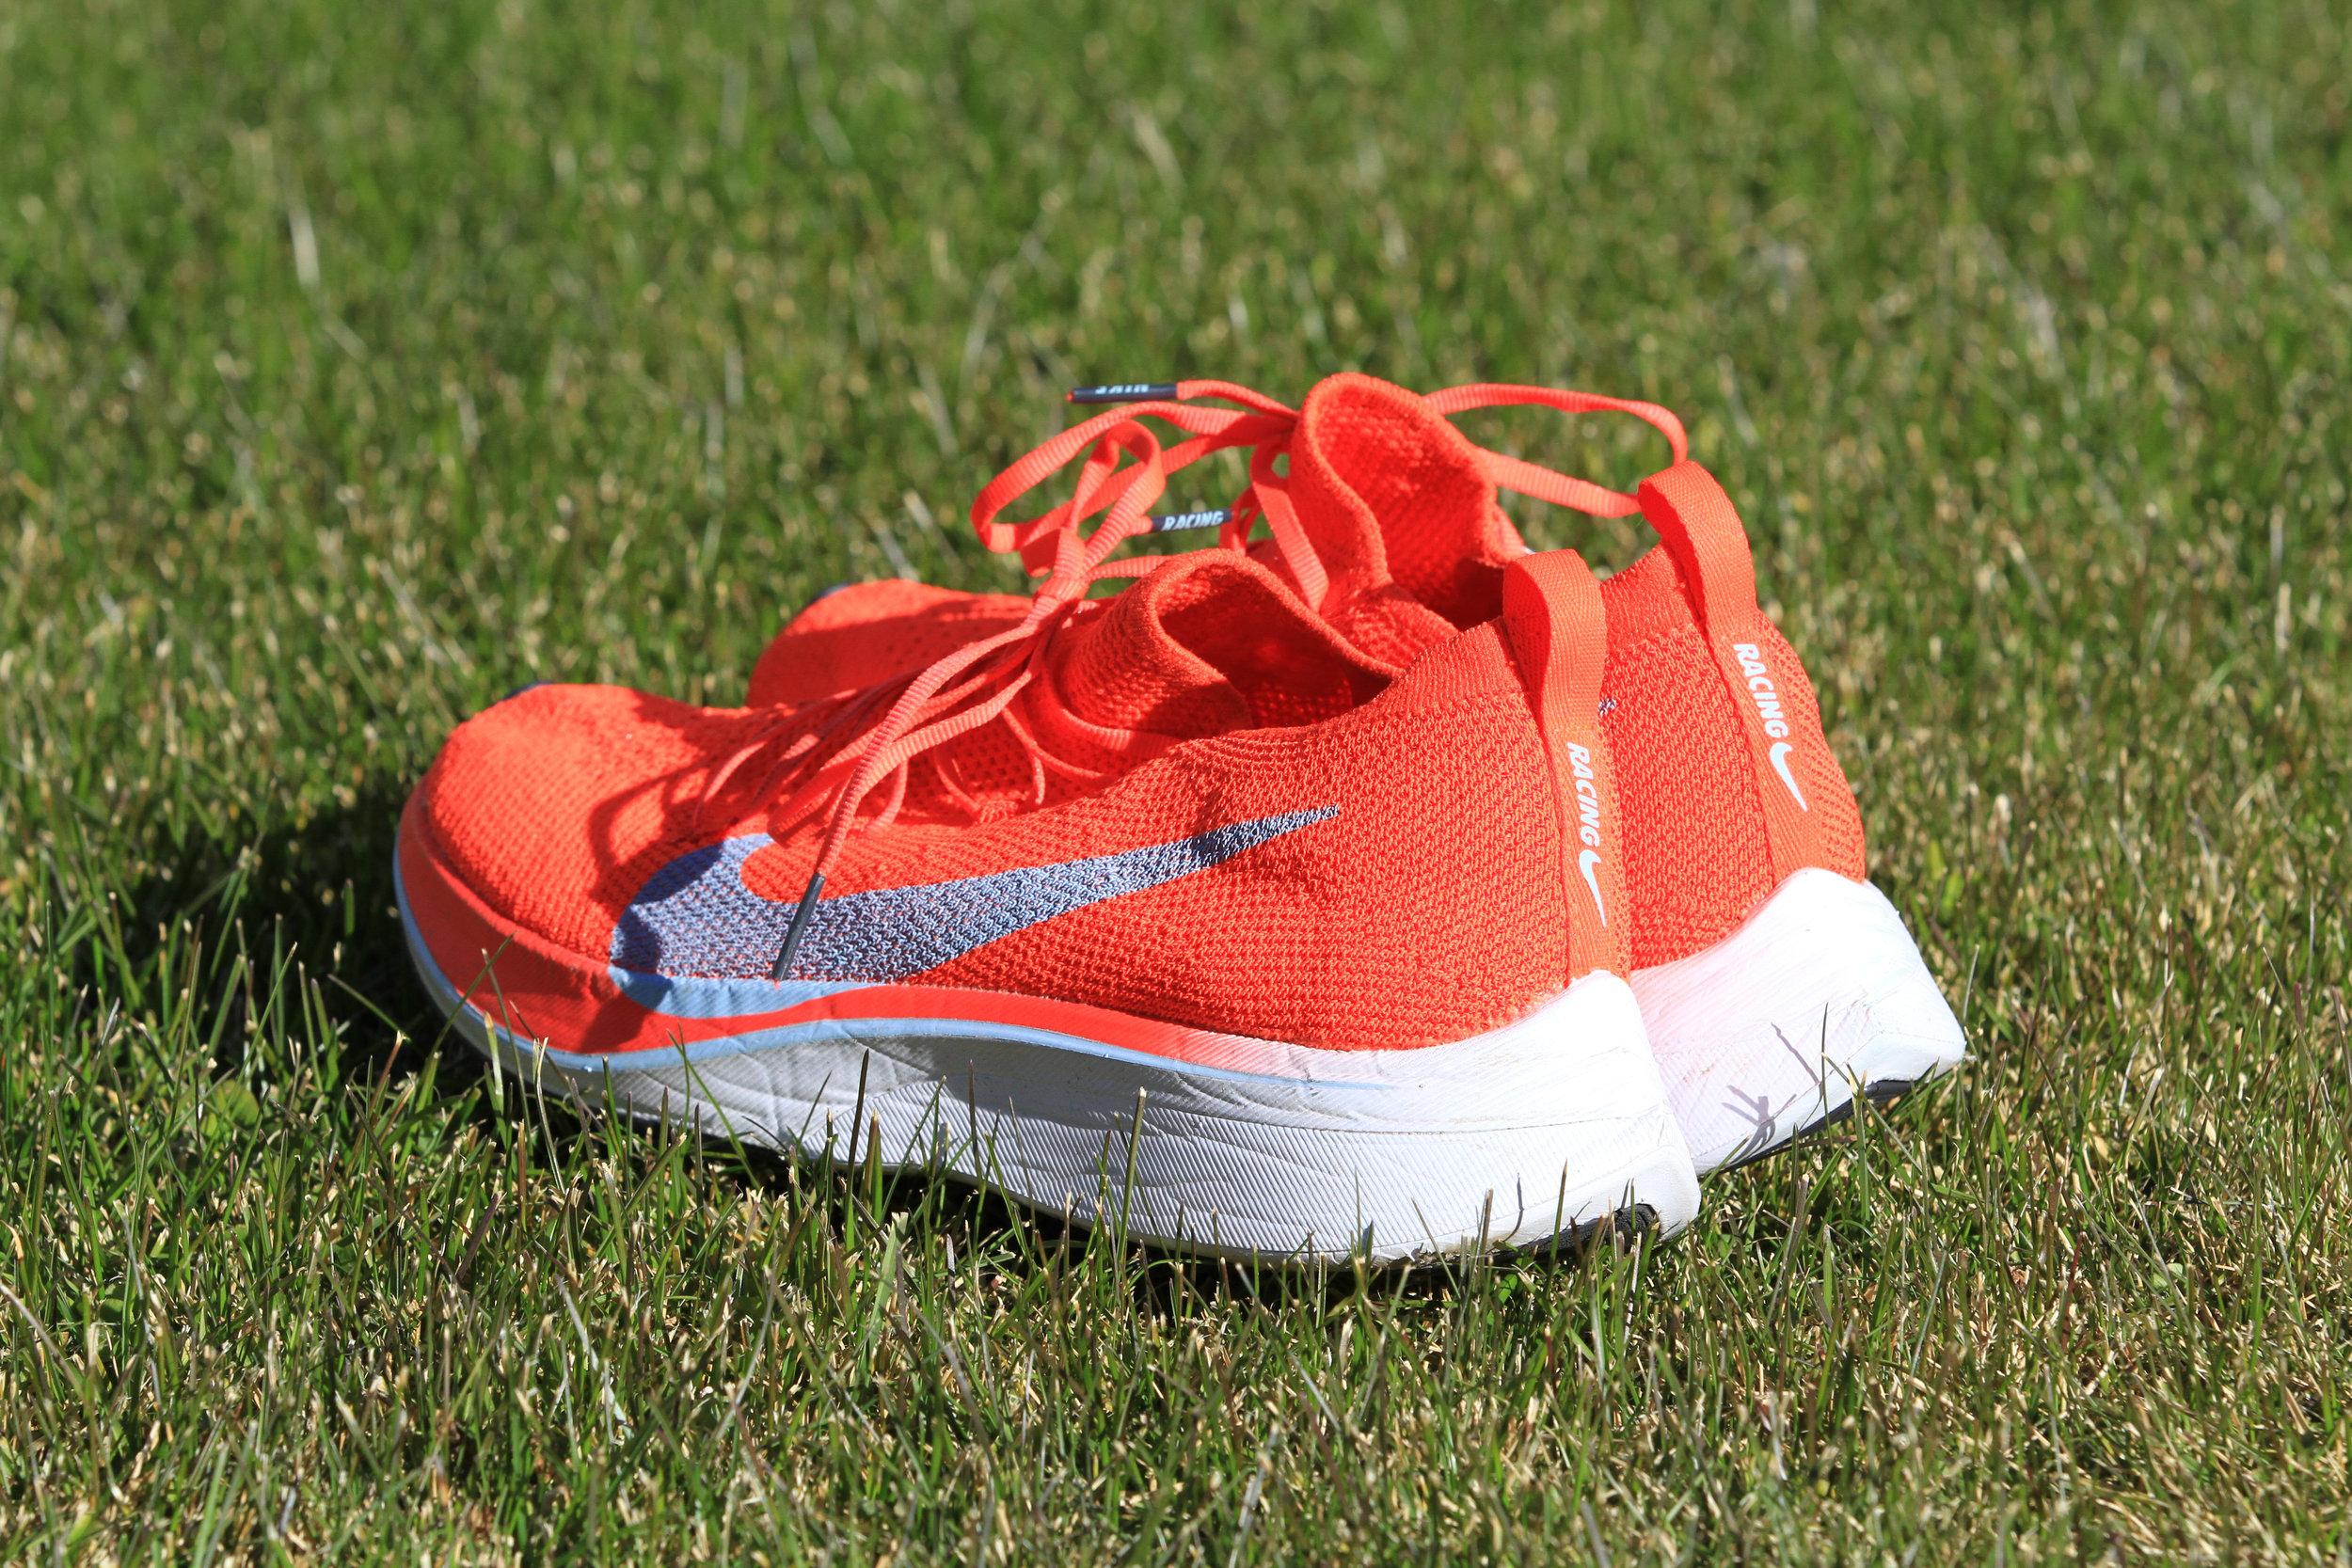 Nike Vaporfly 4% Flyknit-2.jpg